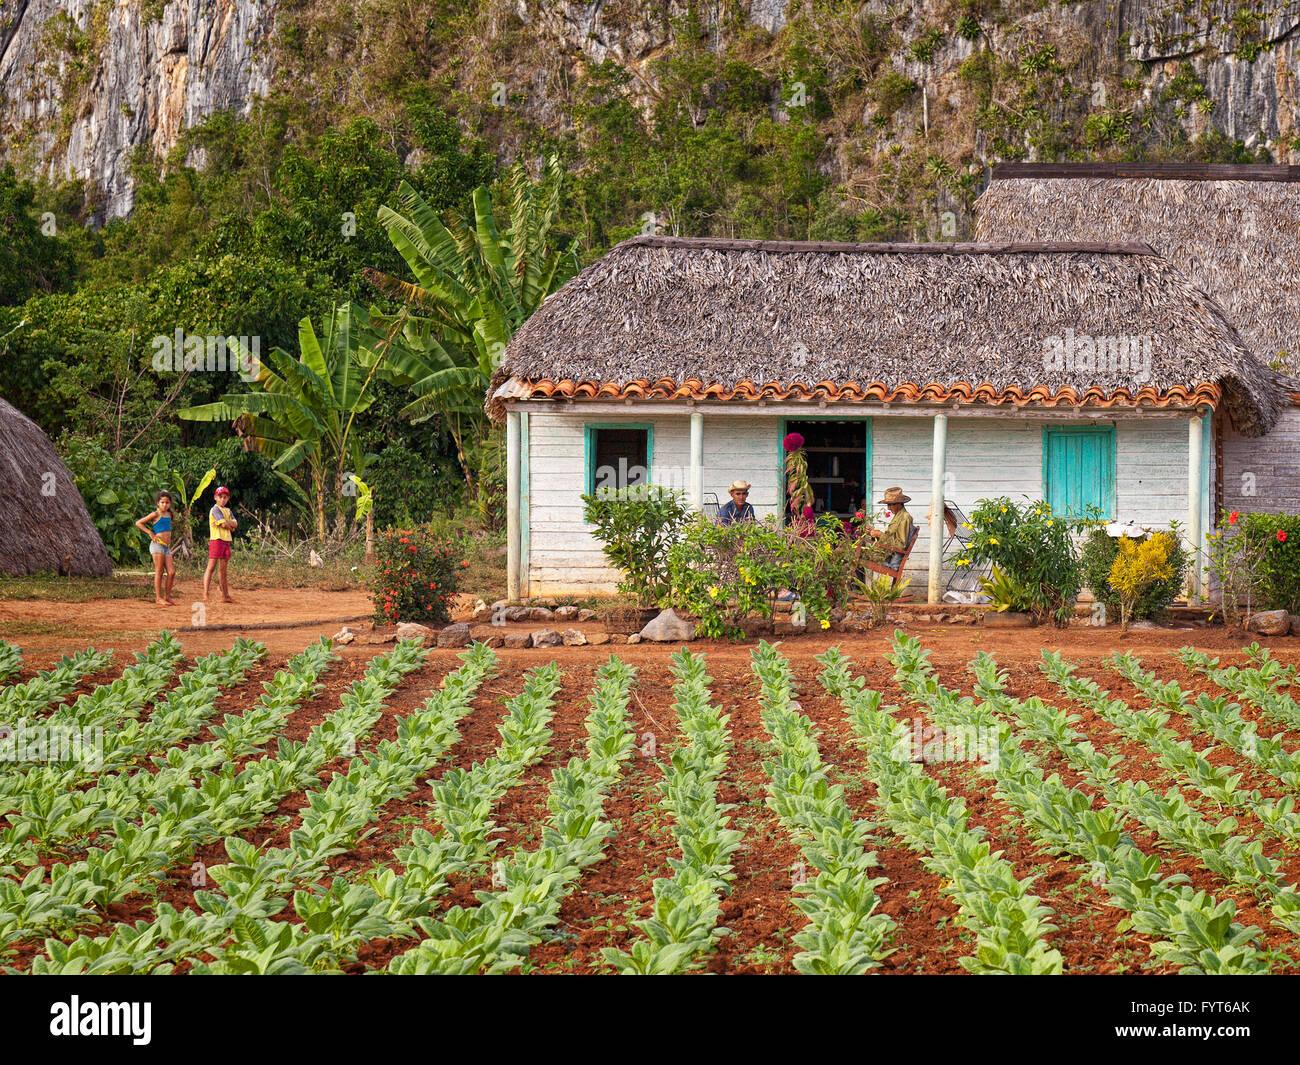 Tobacco farm, Cuba. - Stock Image